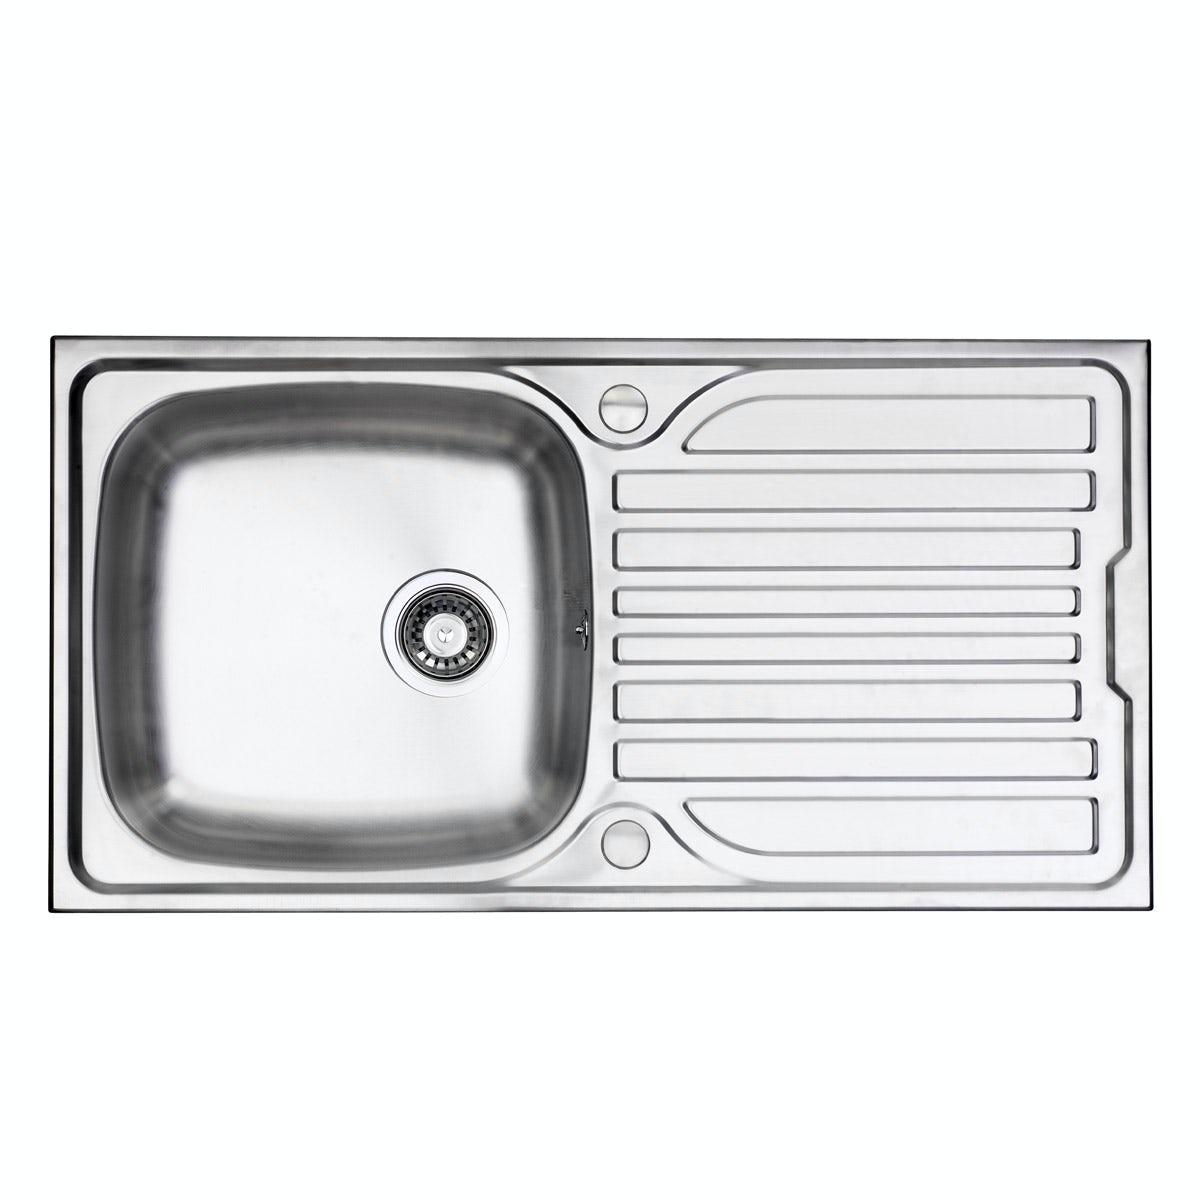 1 0 Bowl Stainless Steel Kitchen Sink